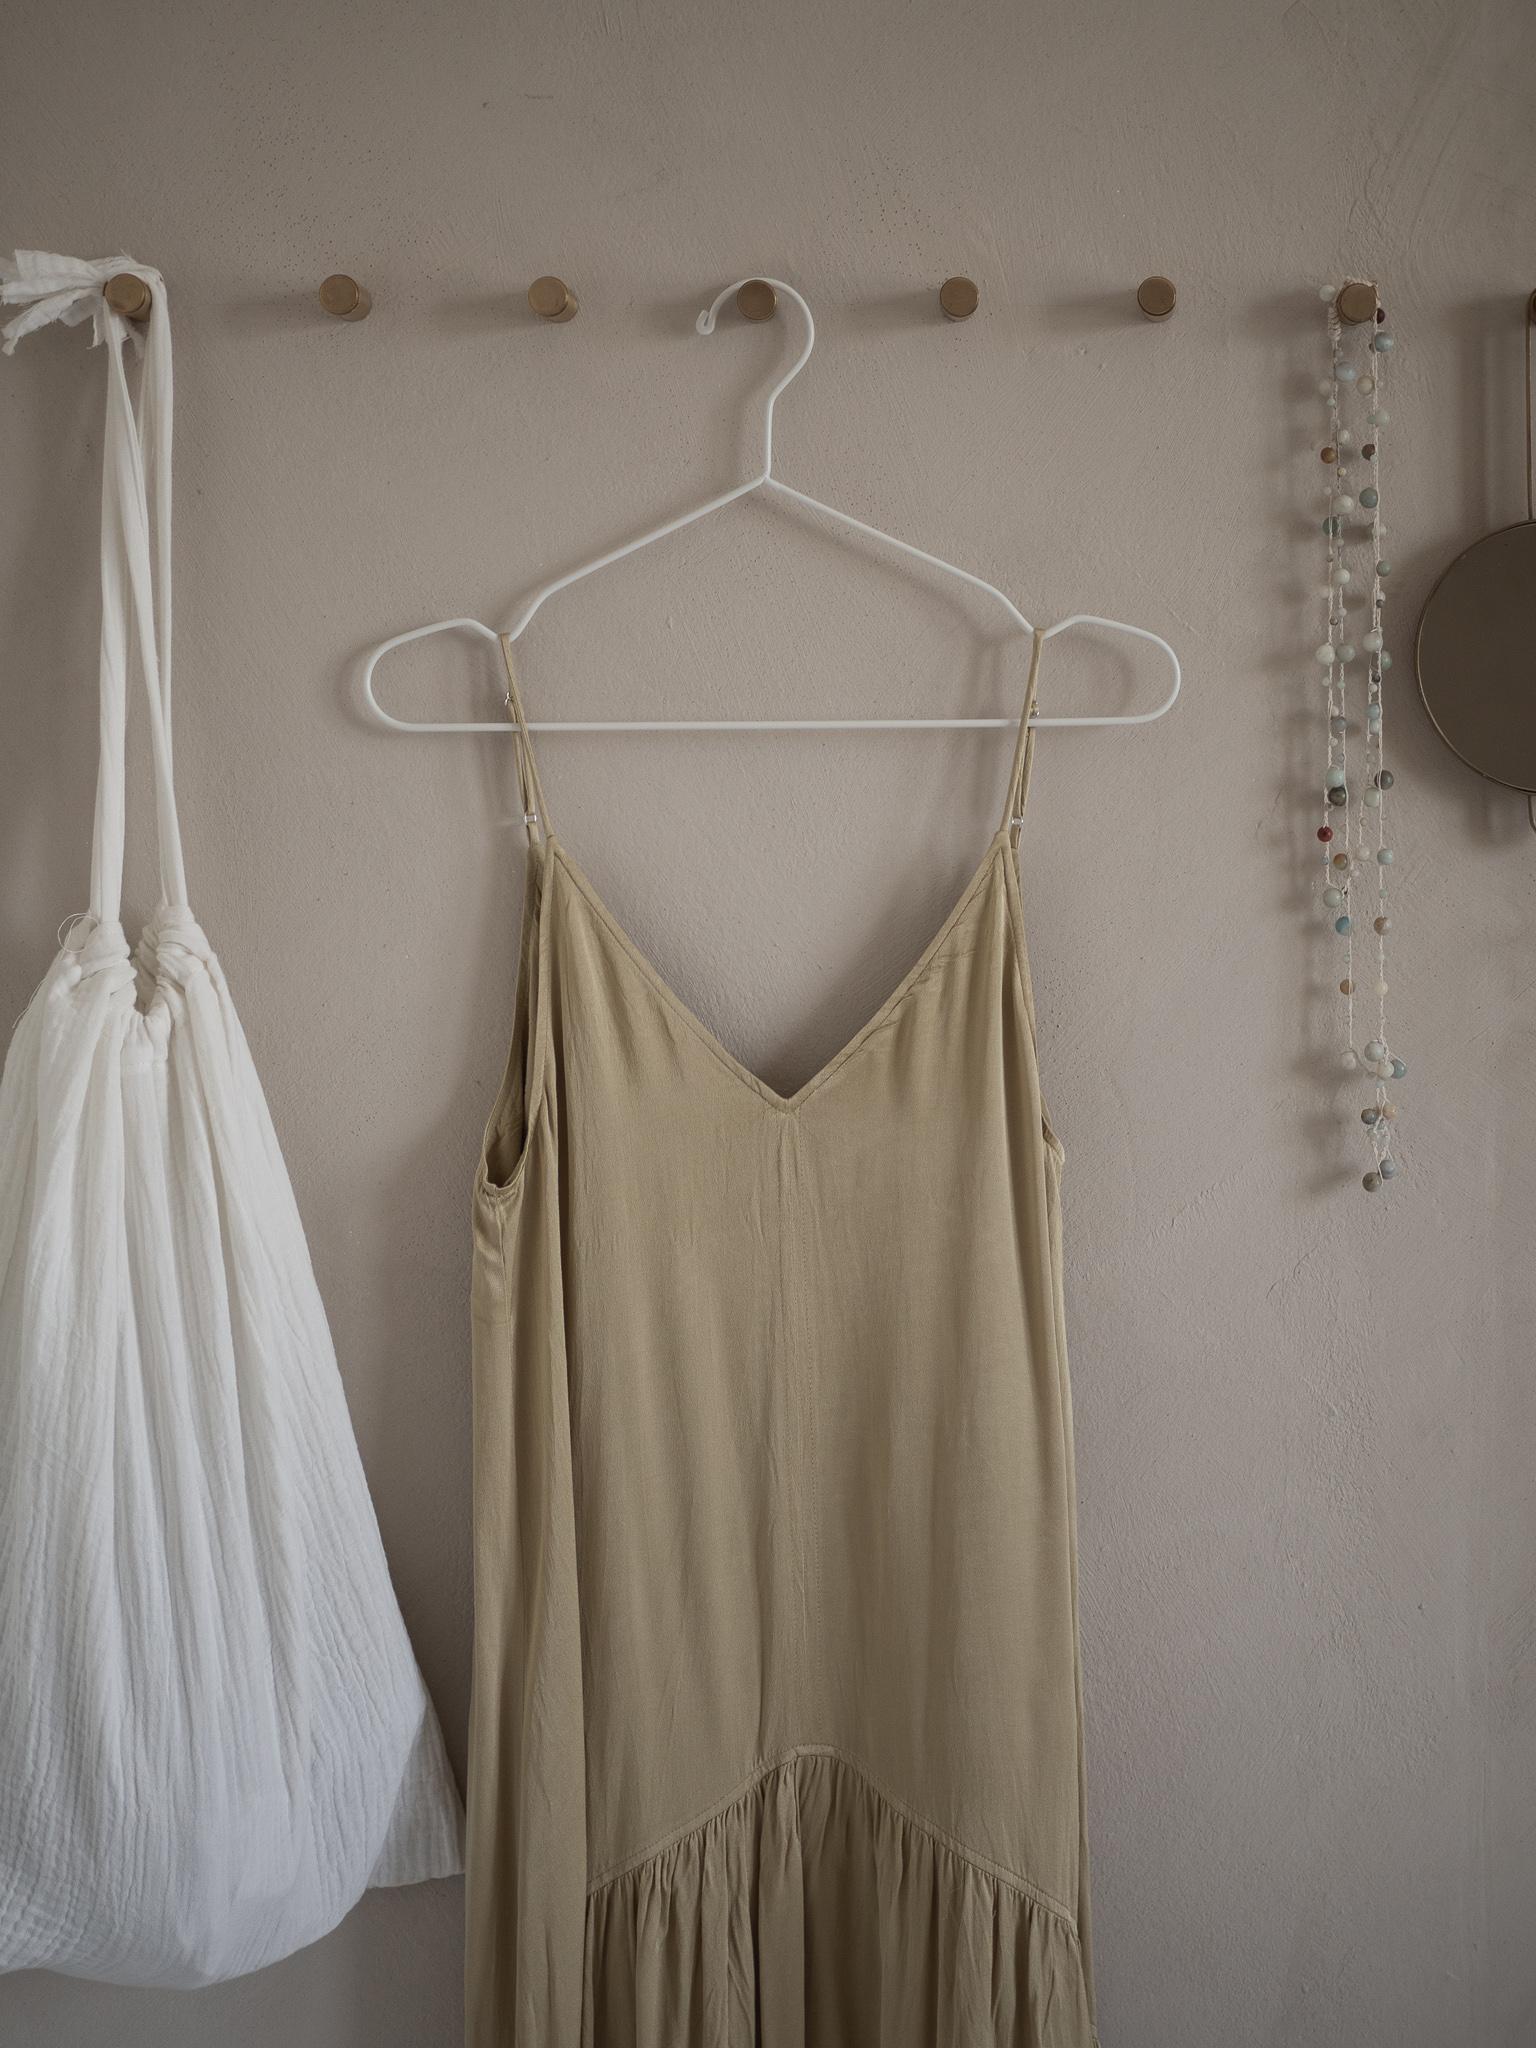 apinchofstyle.com | Lehm und Leinen im Schlafzimmer